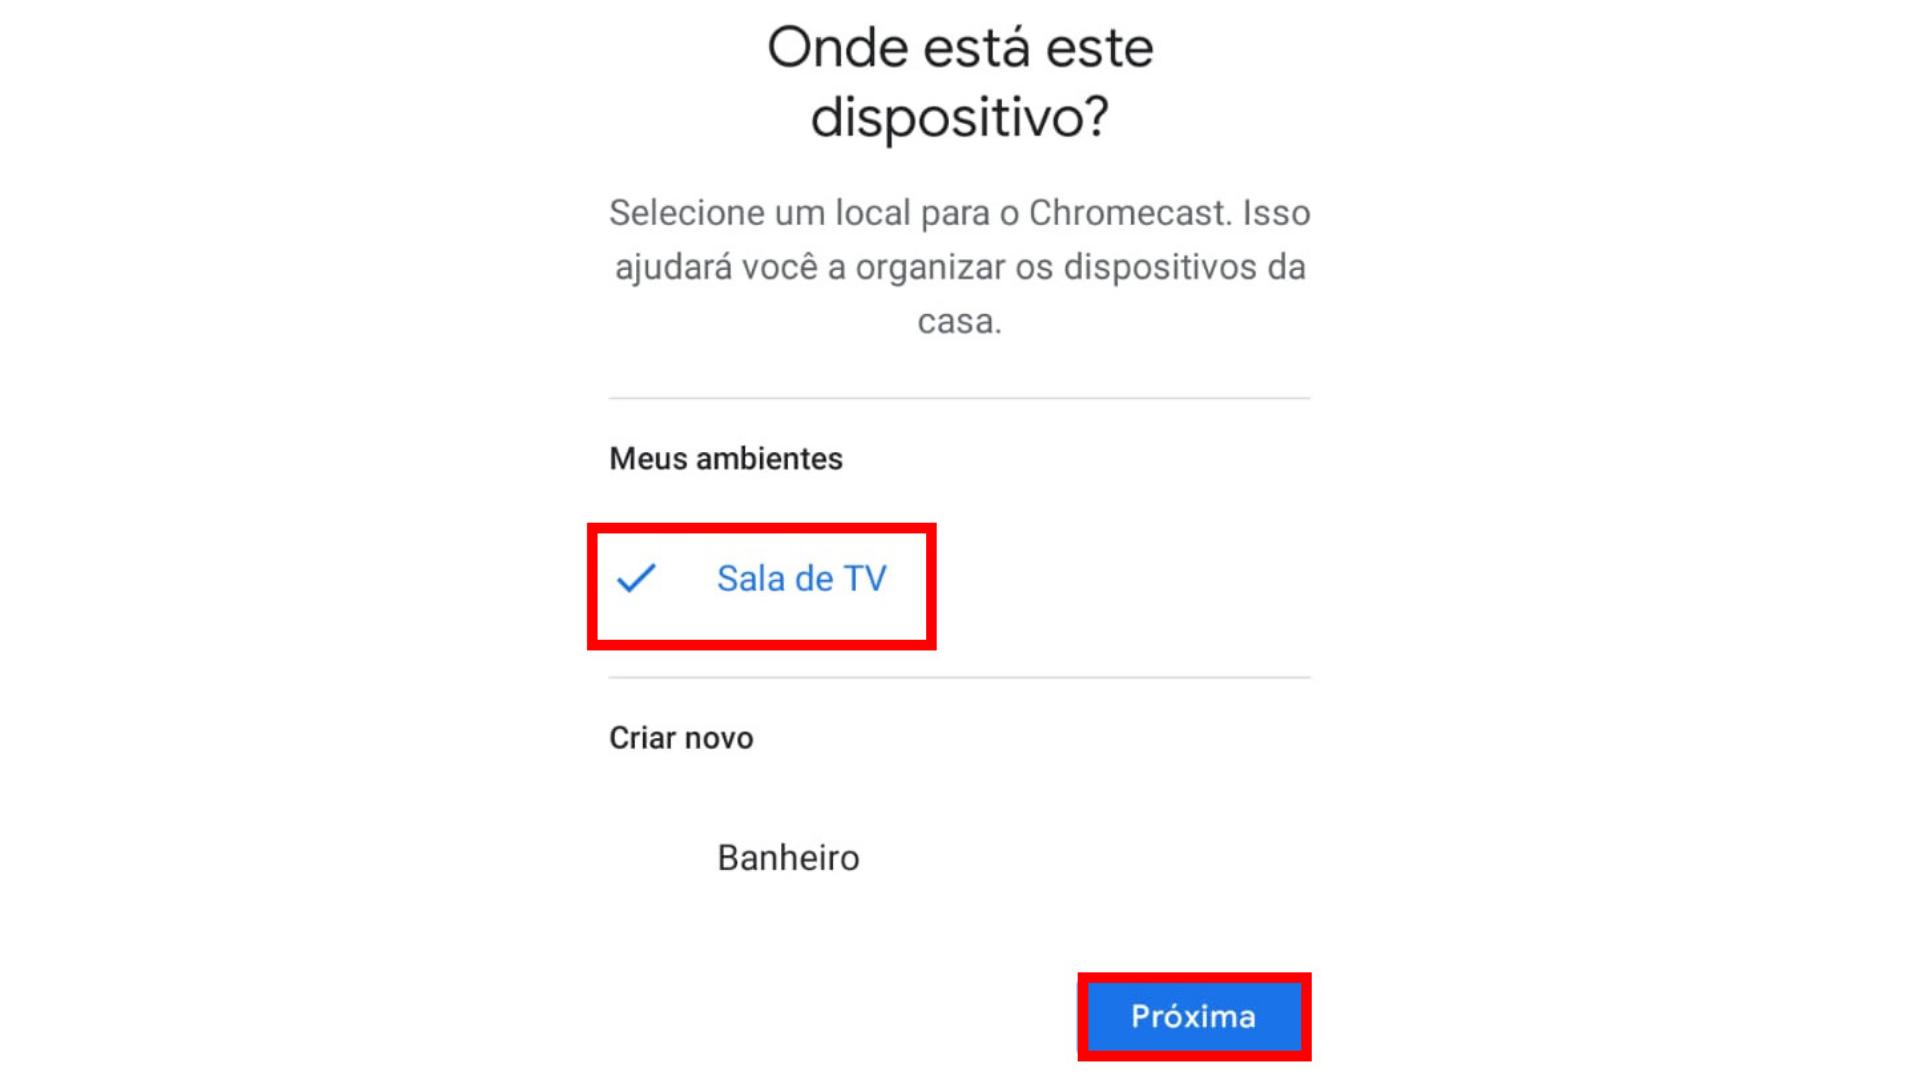 Oitavo passo para configurar Chromecast. (Imagem: Captura de tela/Chromecast)